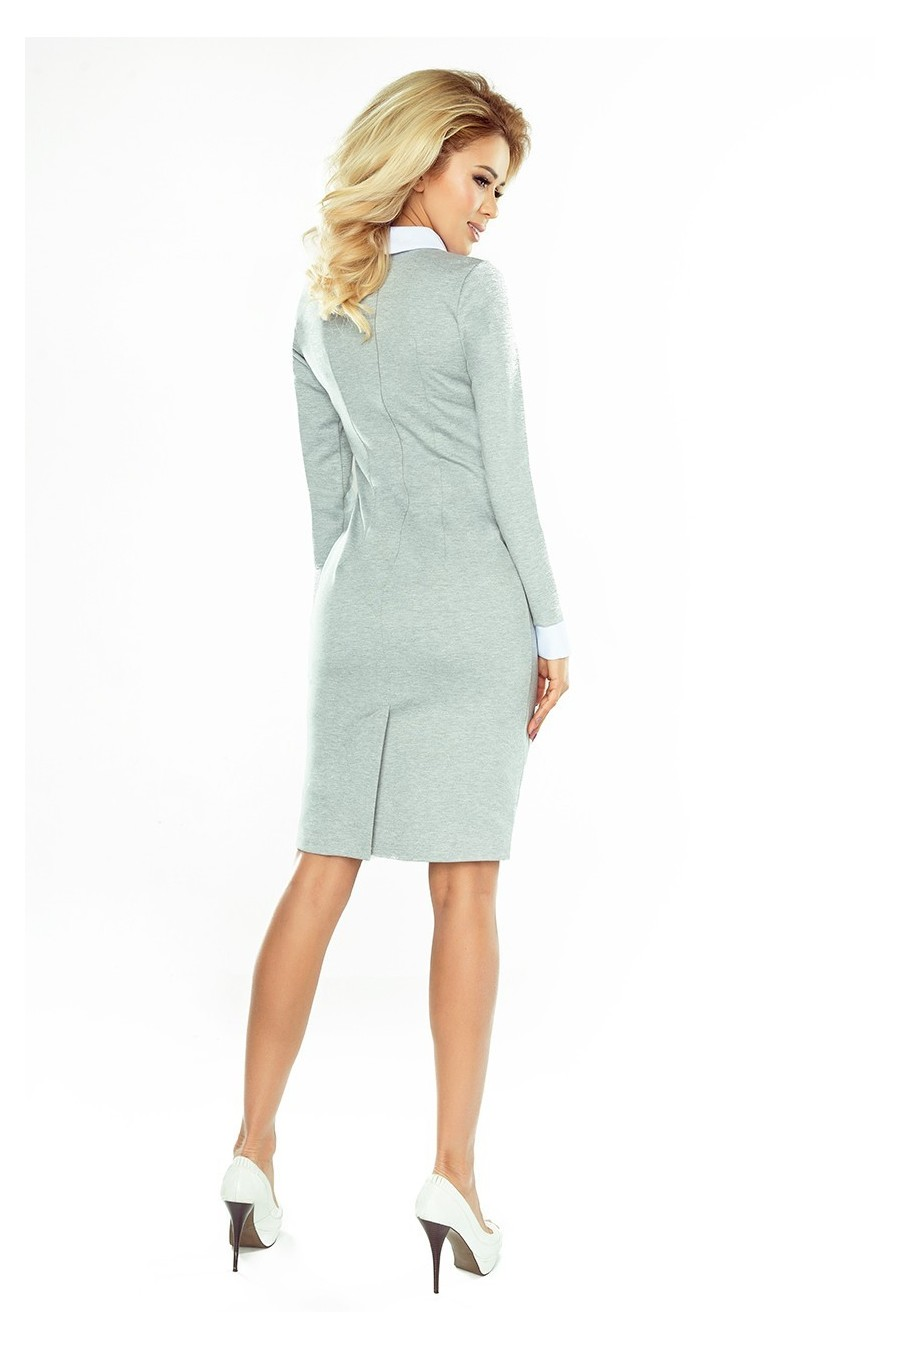 143-4 Šaty s bílým límečkem - šedé